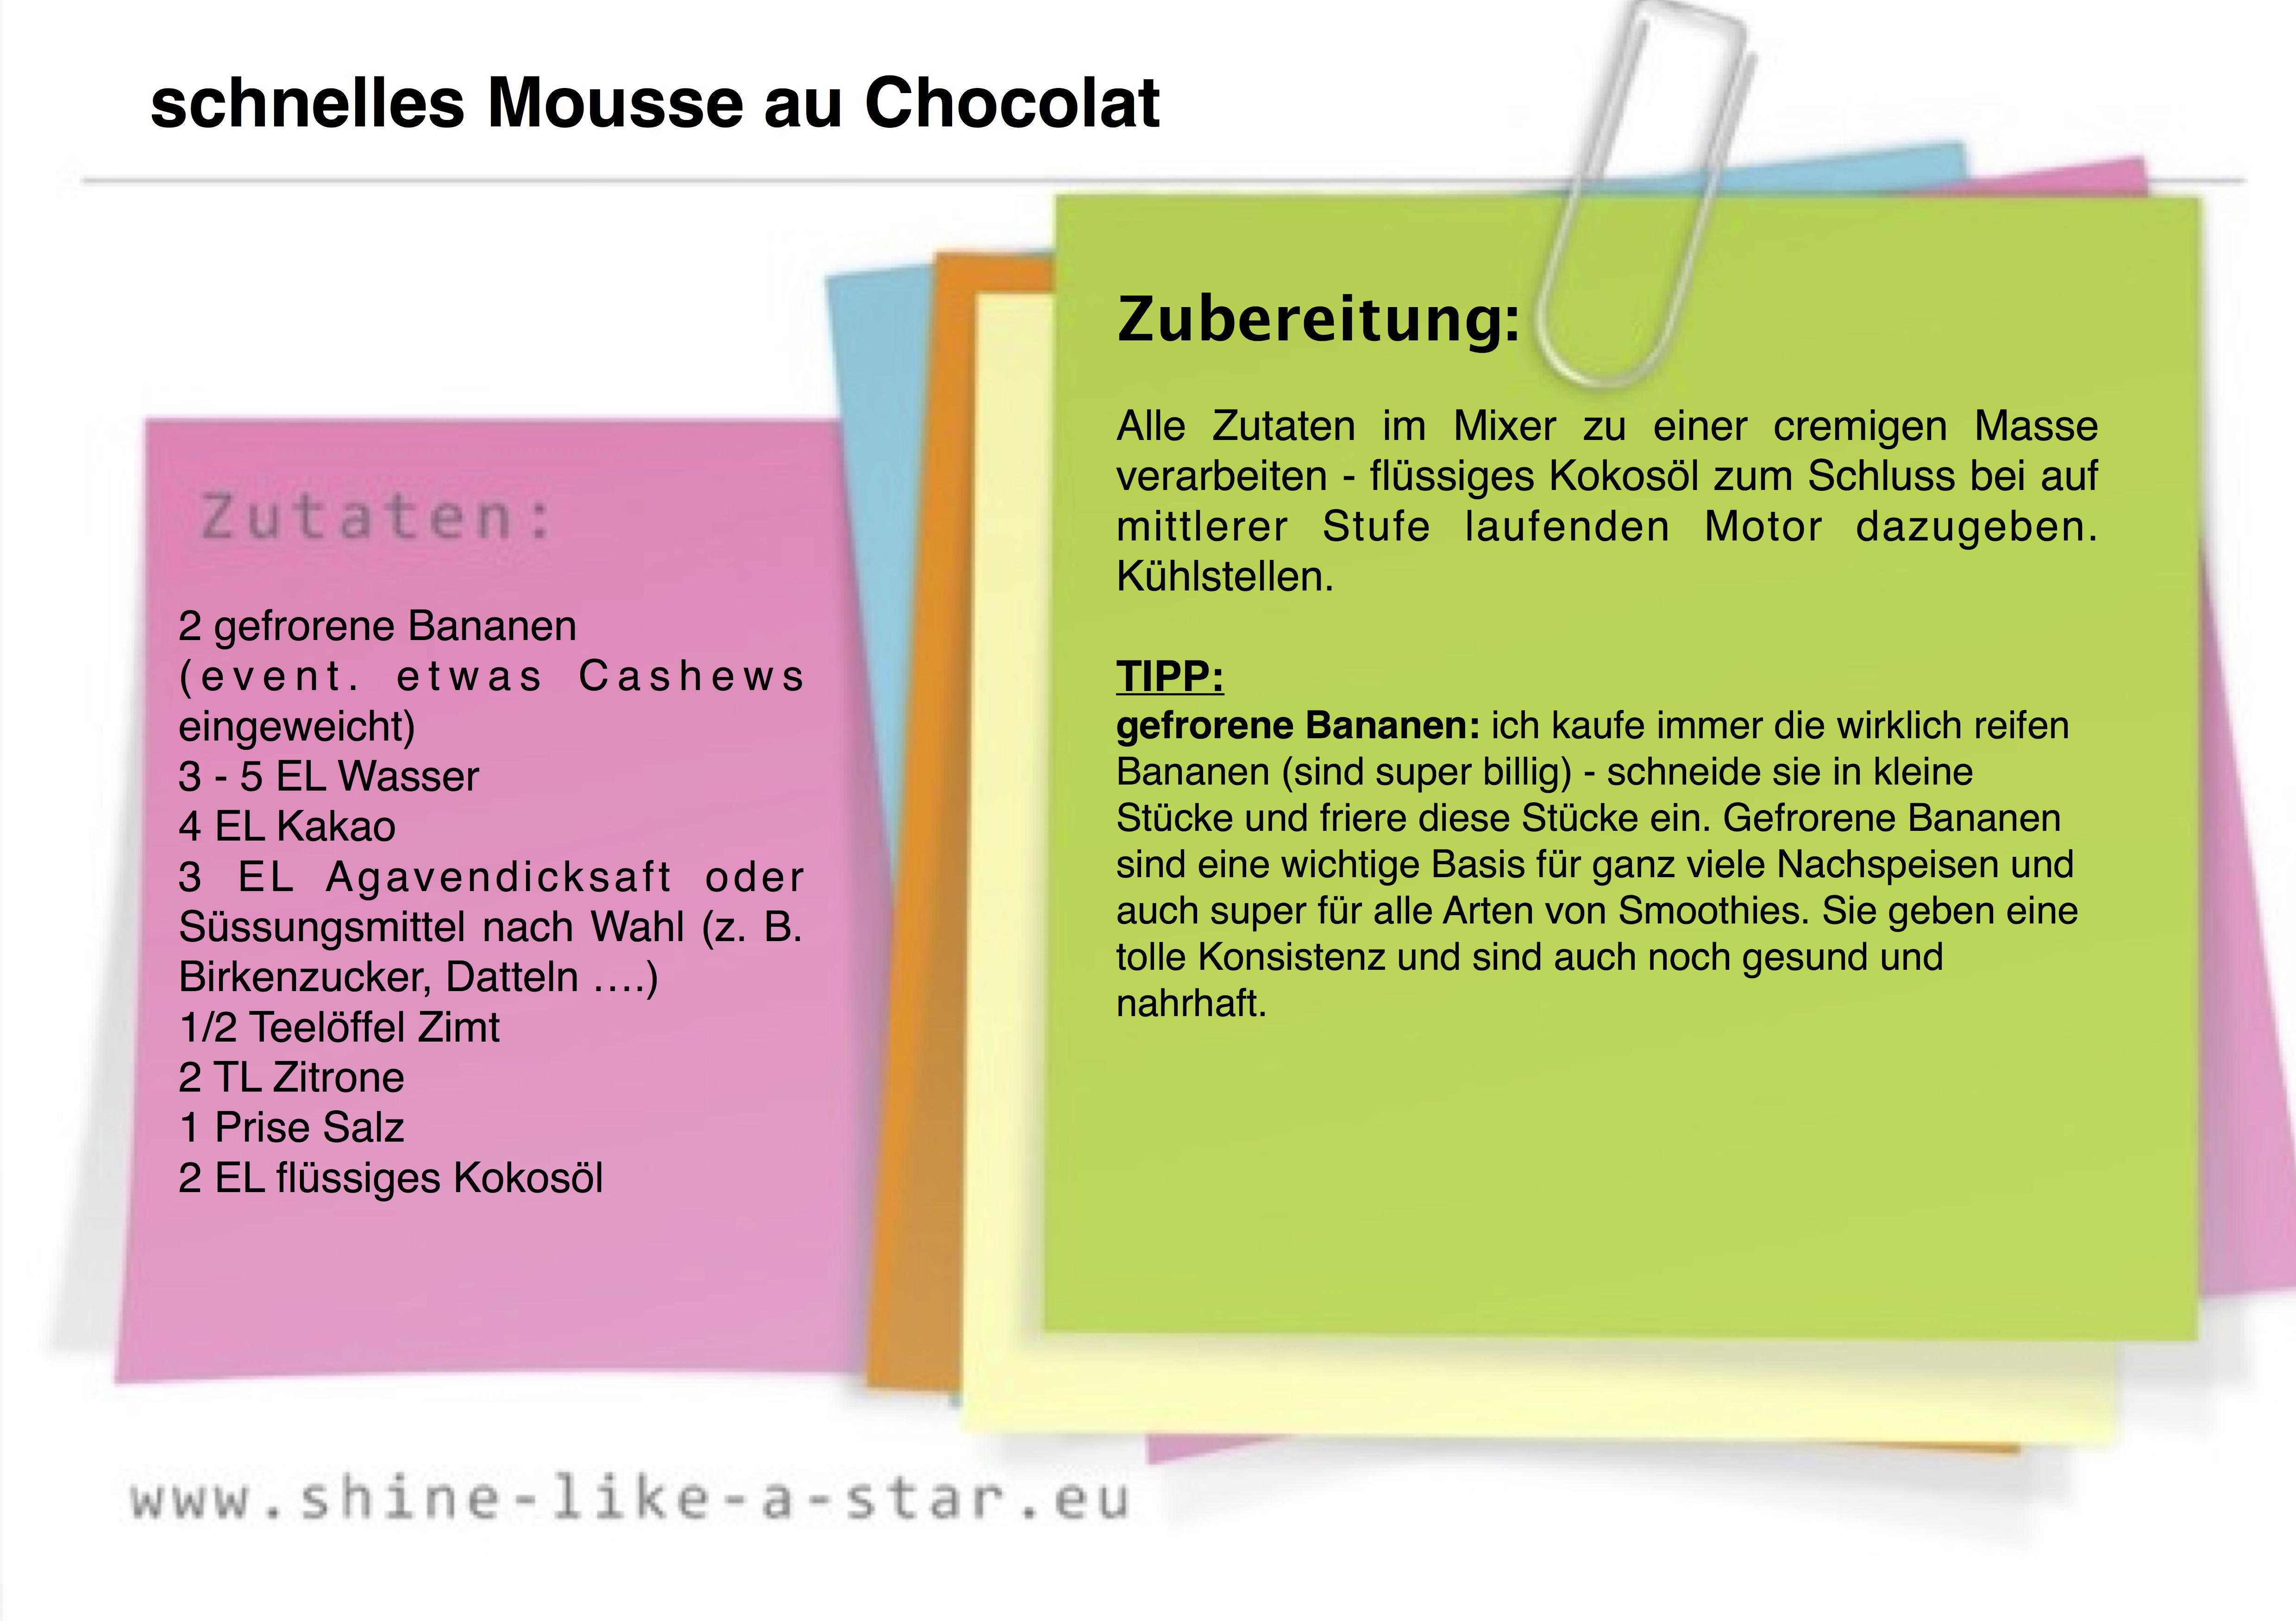 schnelles Mousse au Chocolat (Bananen)